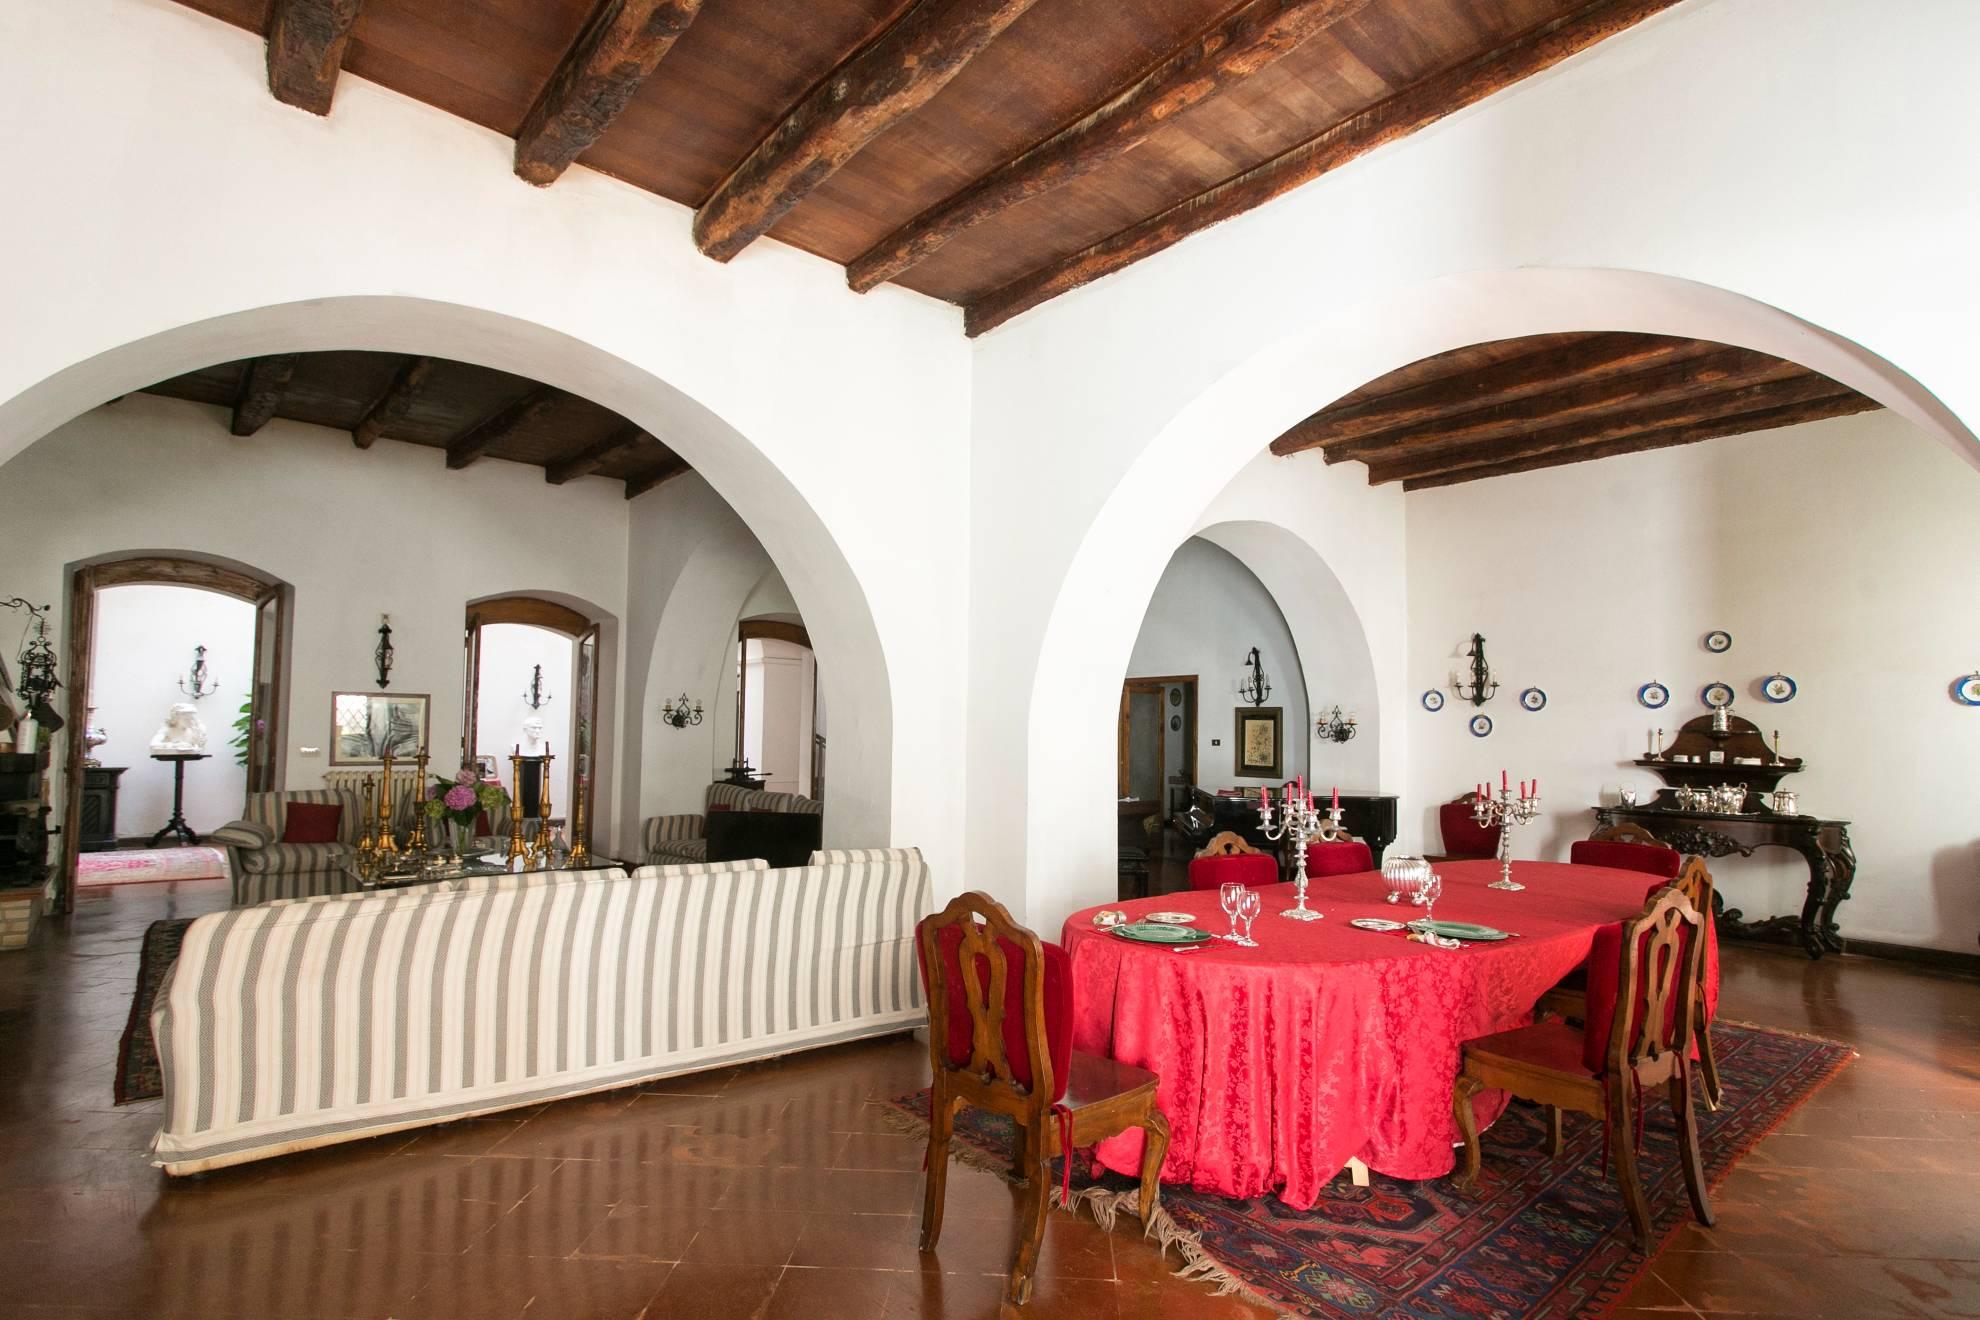 dimore quartetto Palazzo Murmura (2) (1)